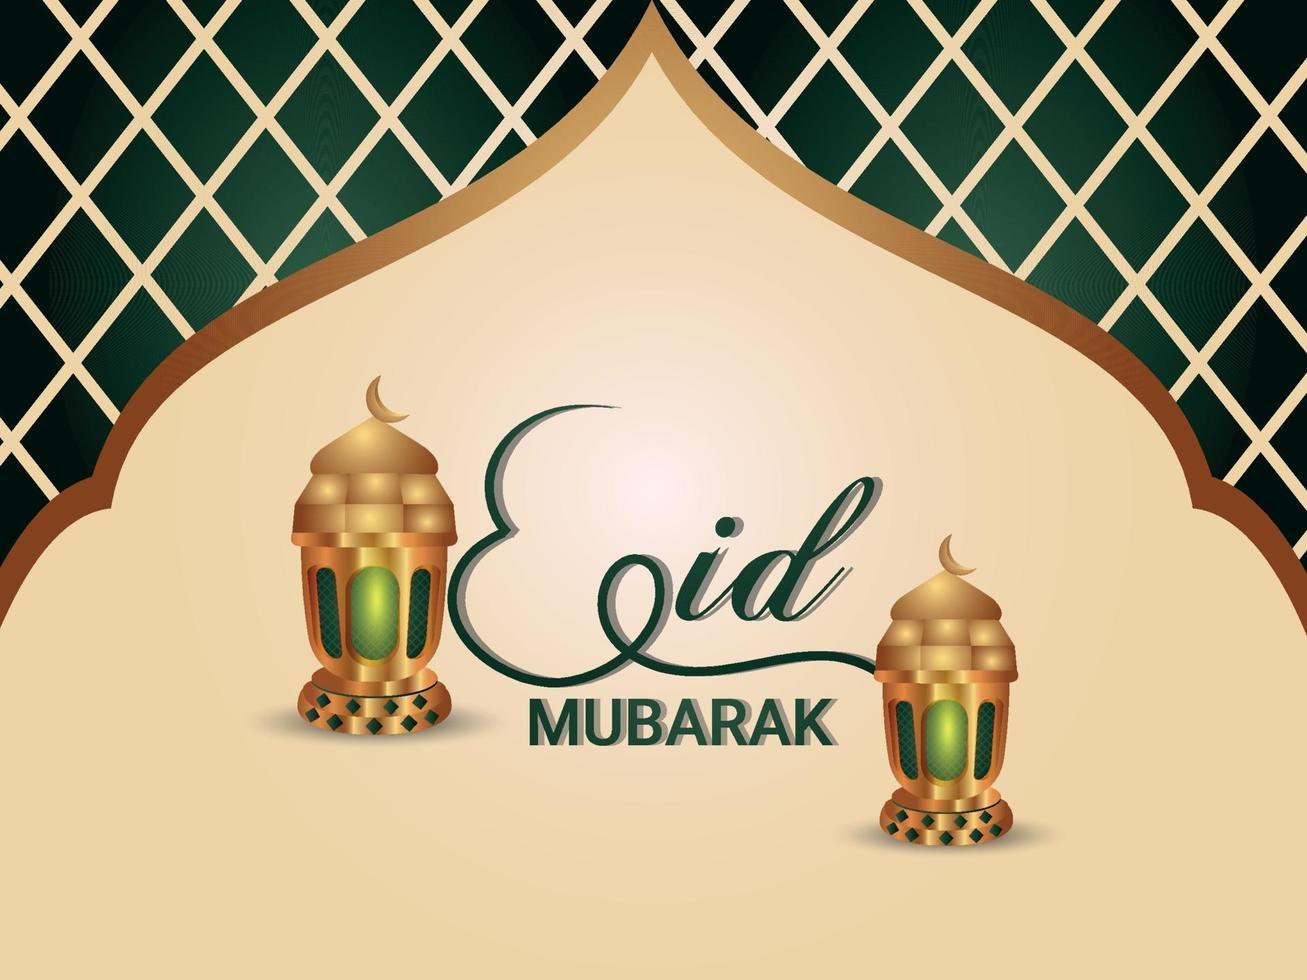 islamisk festival eid mubarak firande gratulationskort med platta lyktor vektor